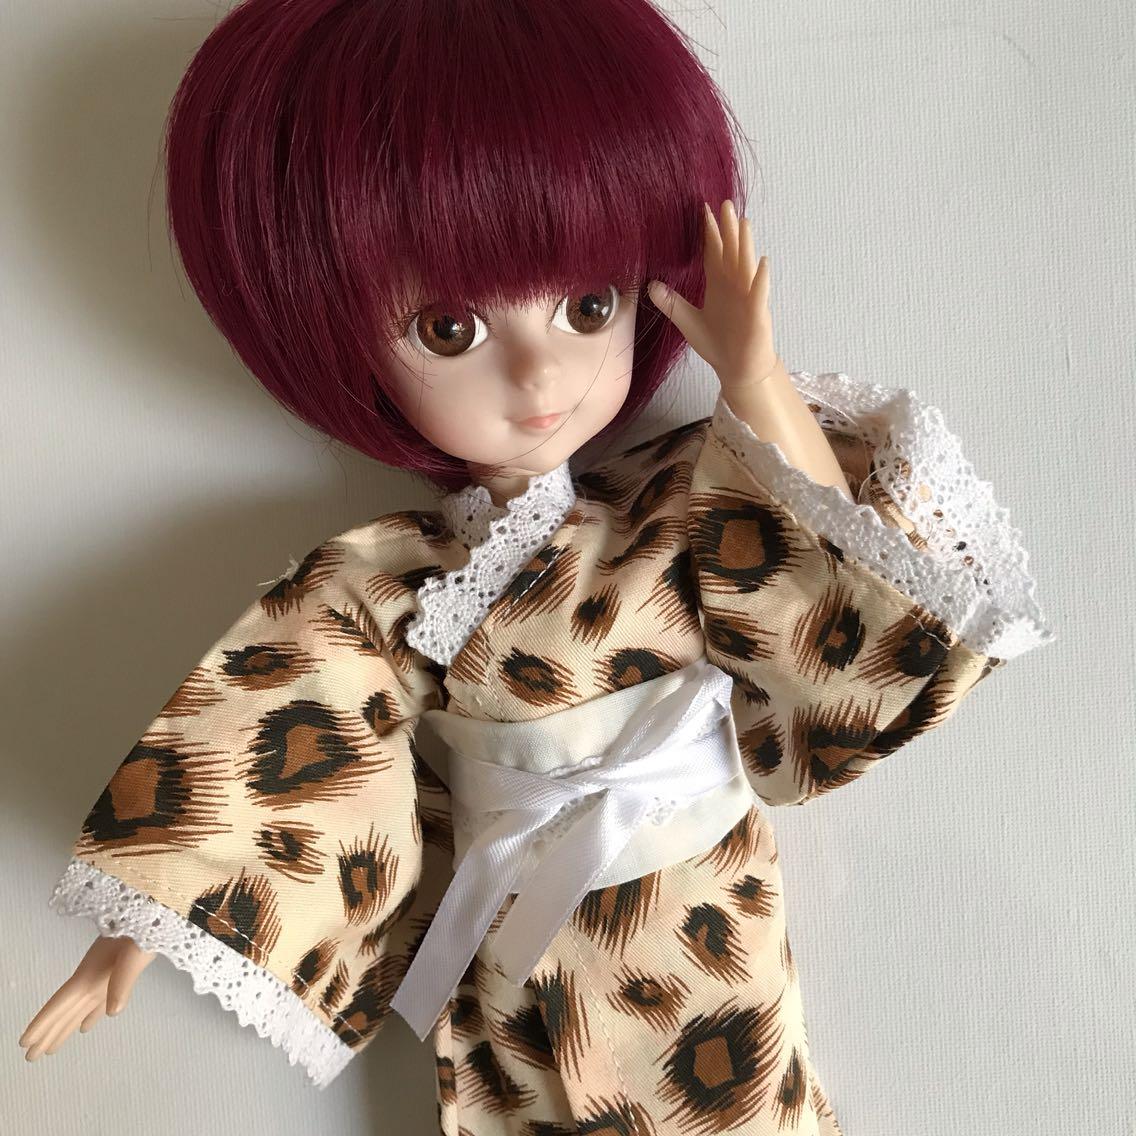 BJD人形の玉型の関節は4分6分女性の時代着の小さい着物の多色の人形の寝衣の子供服bjd多色です。